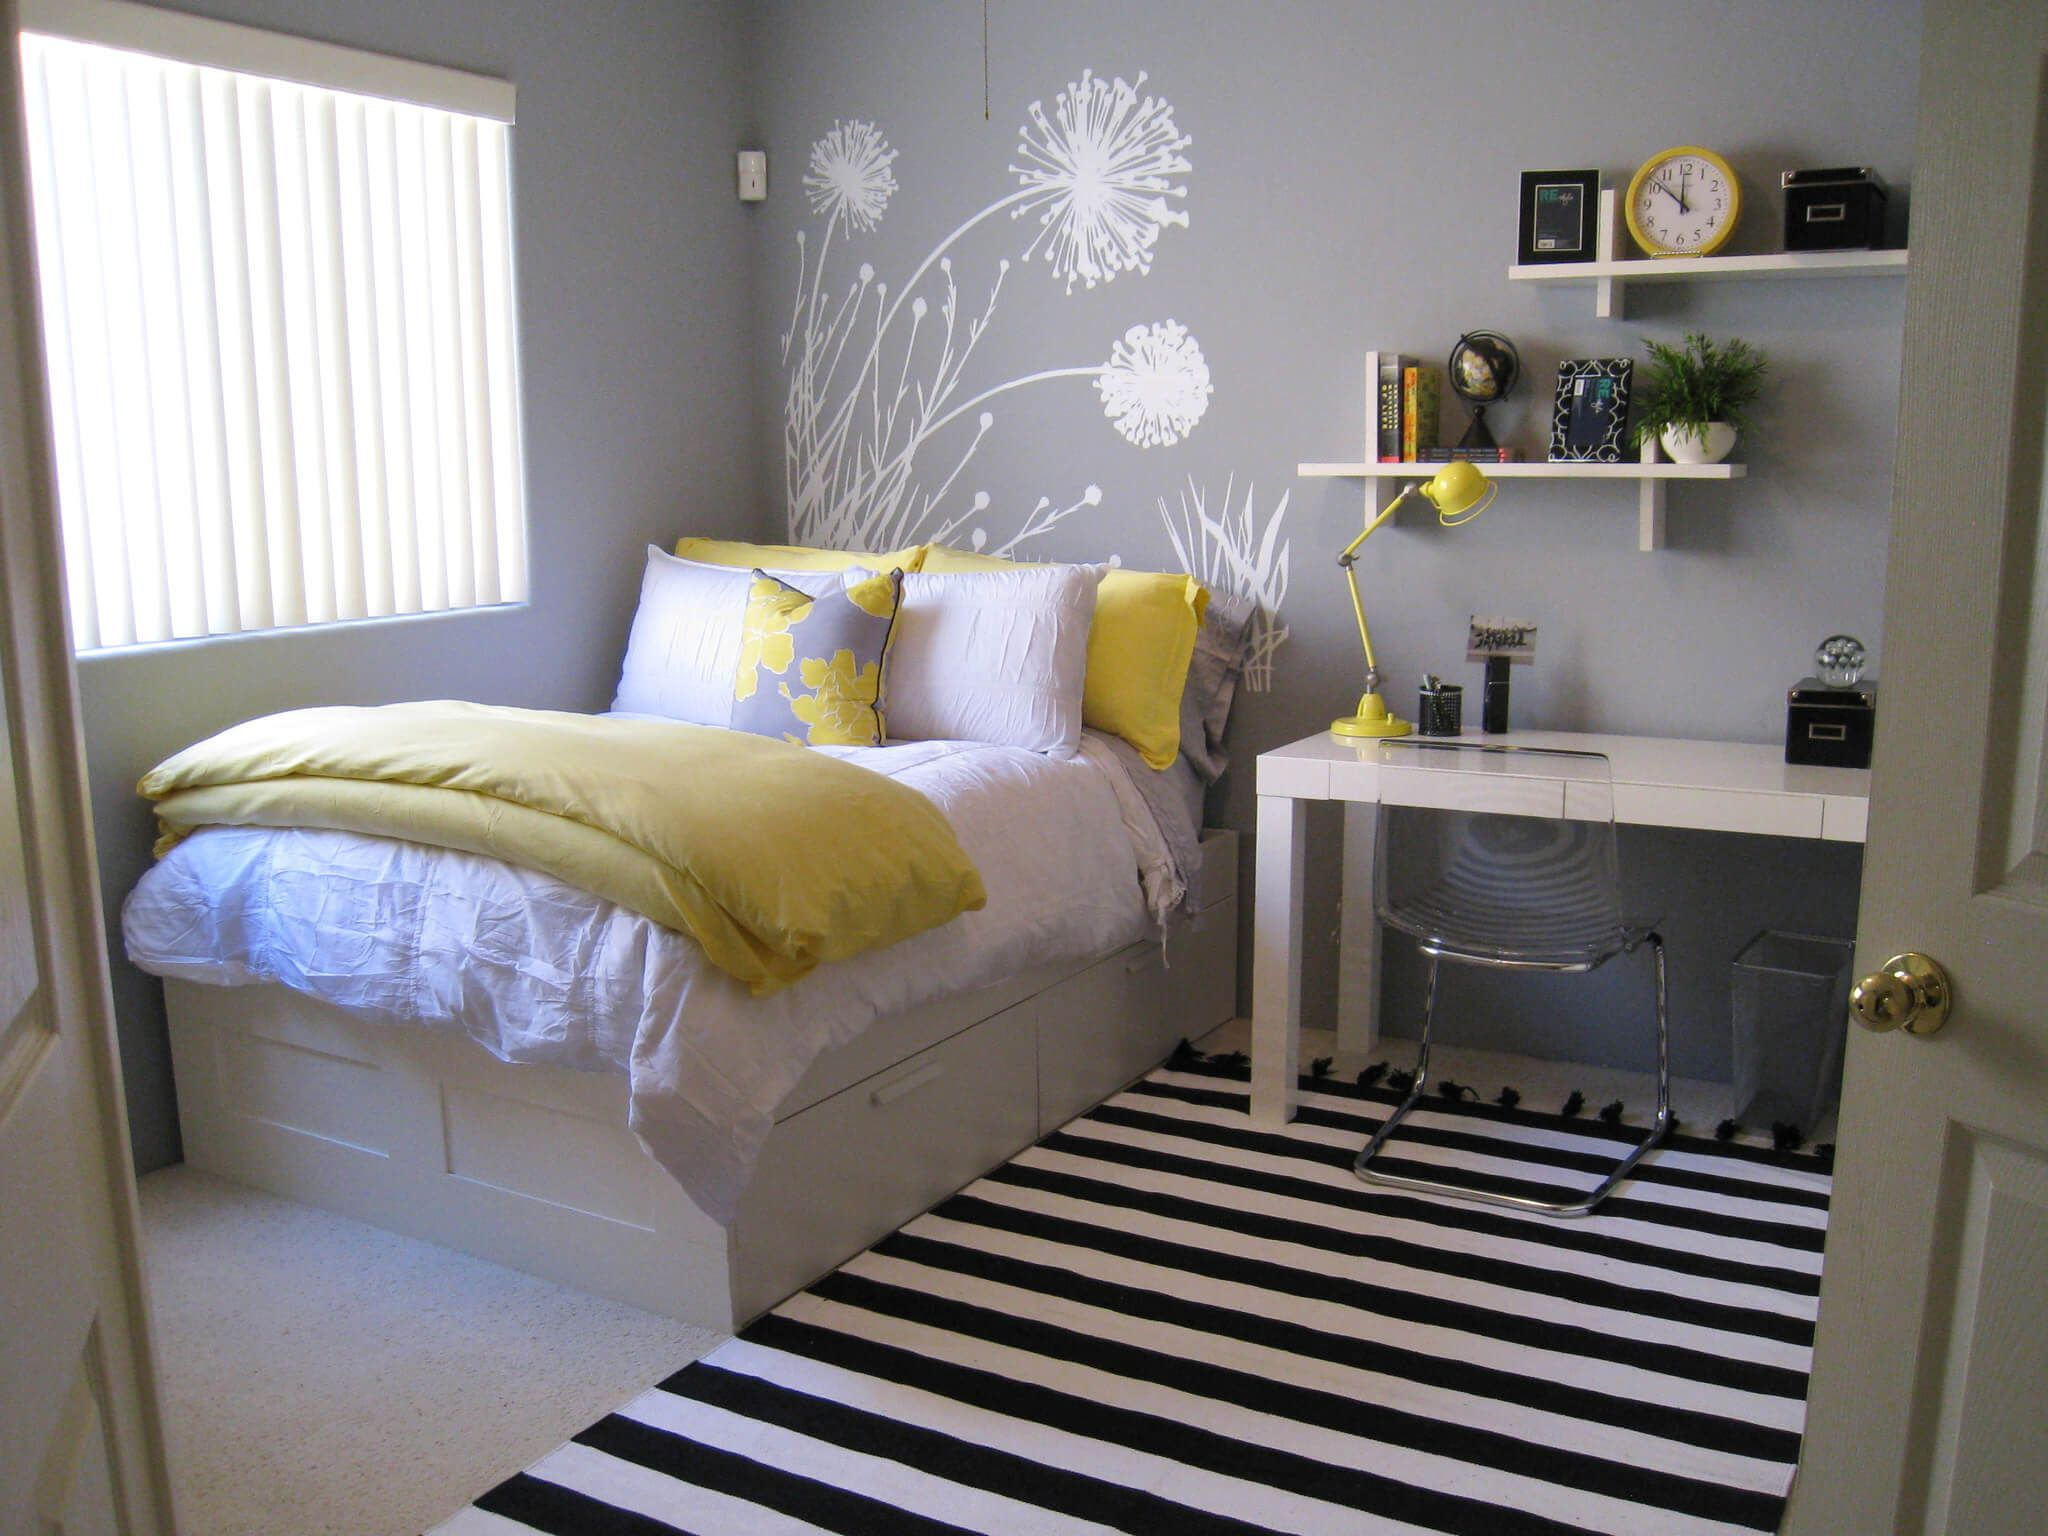 Tận dụng gầm giường để cất những nội thất cở bản nhất